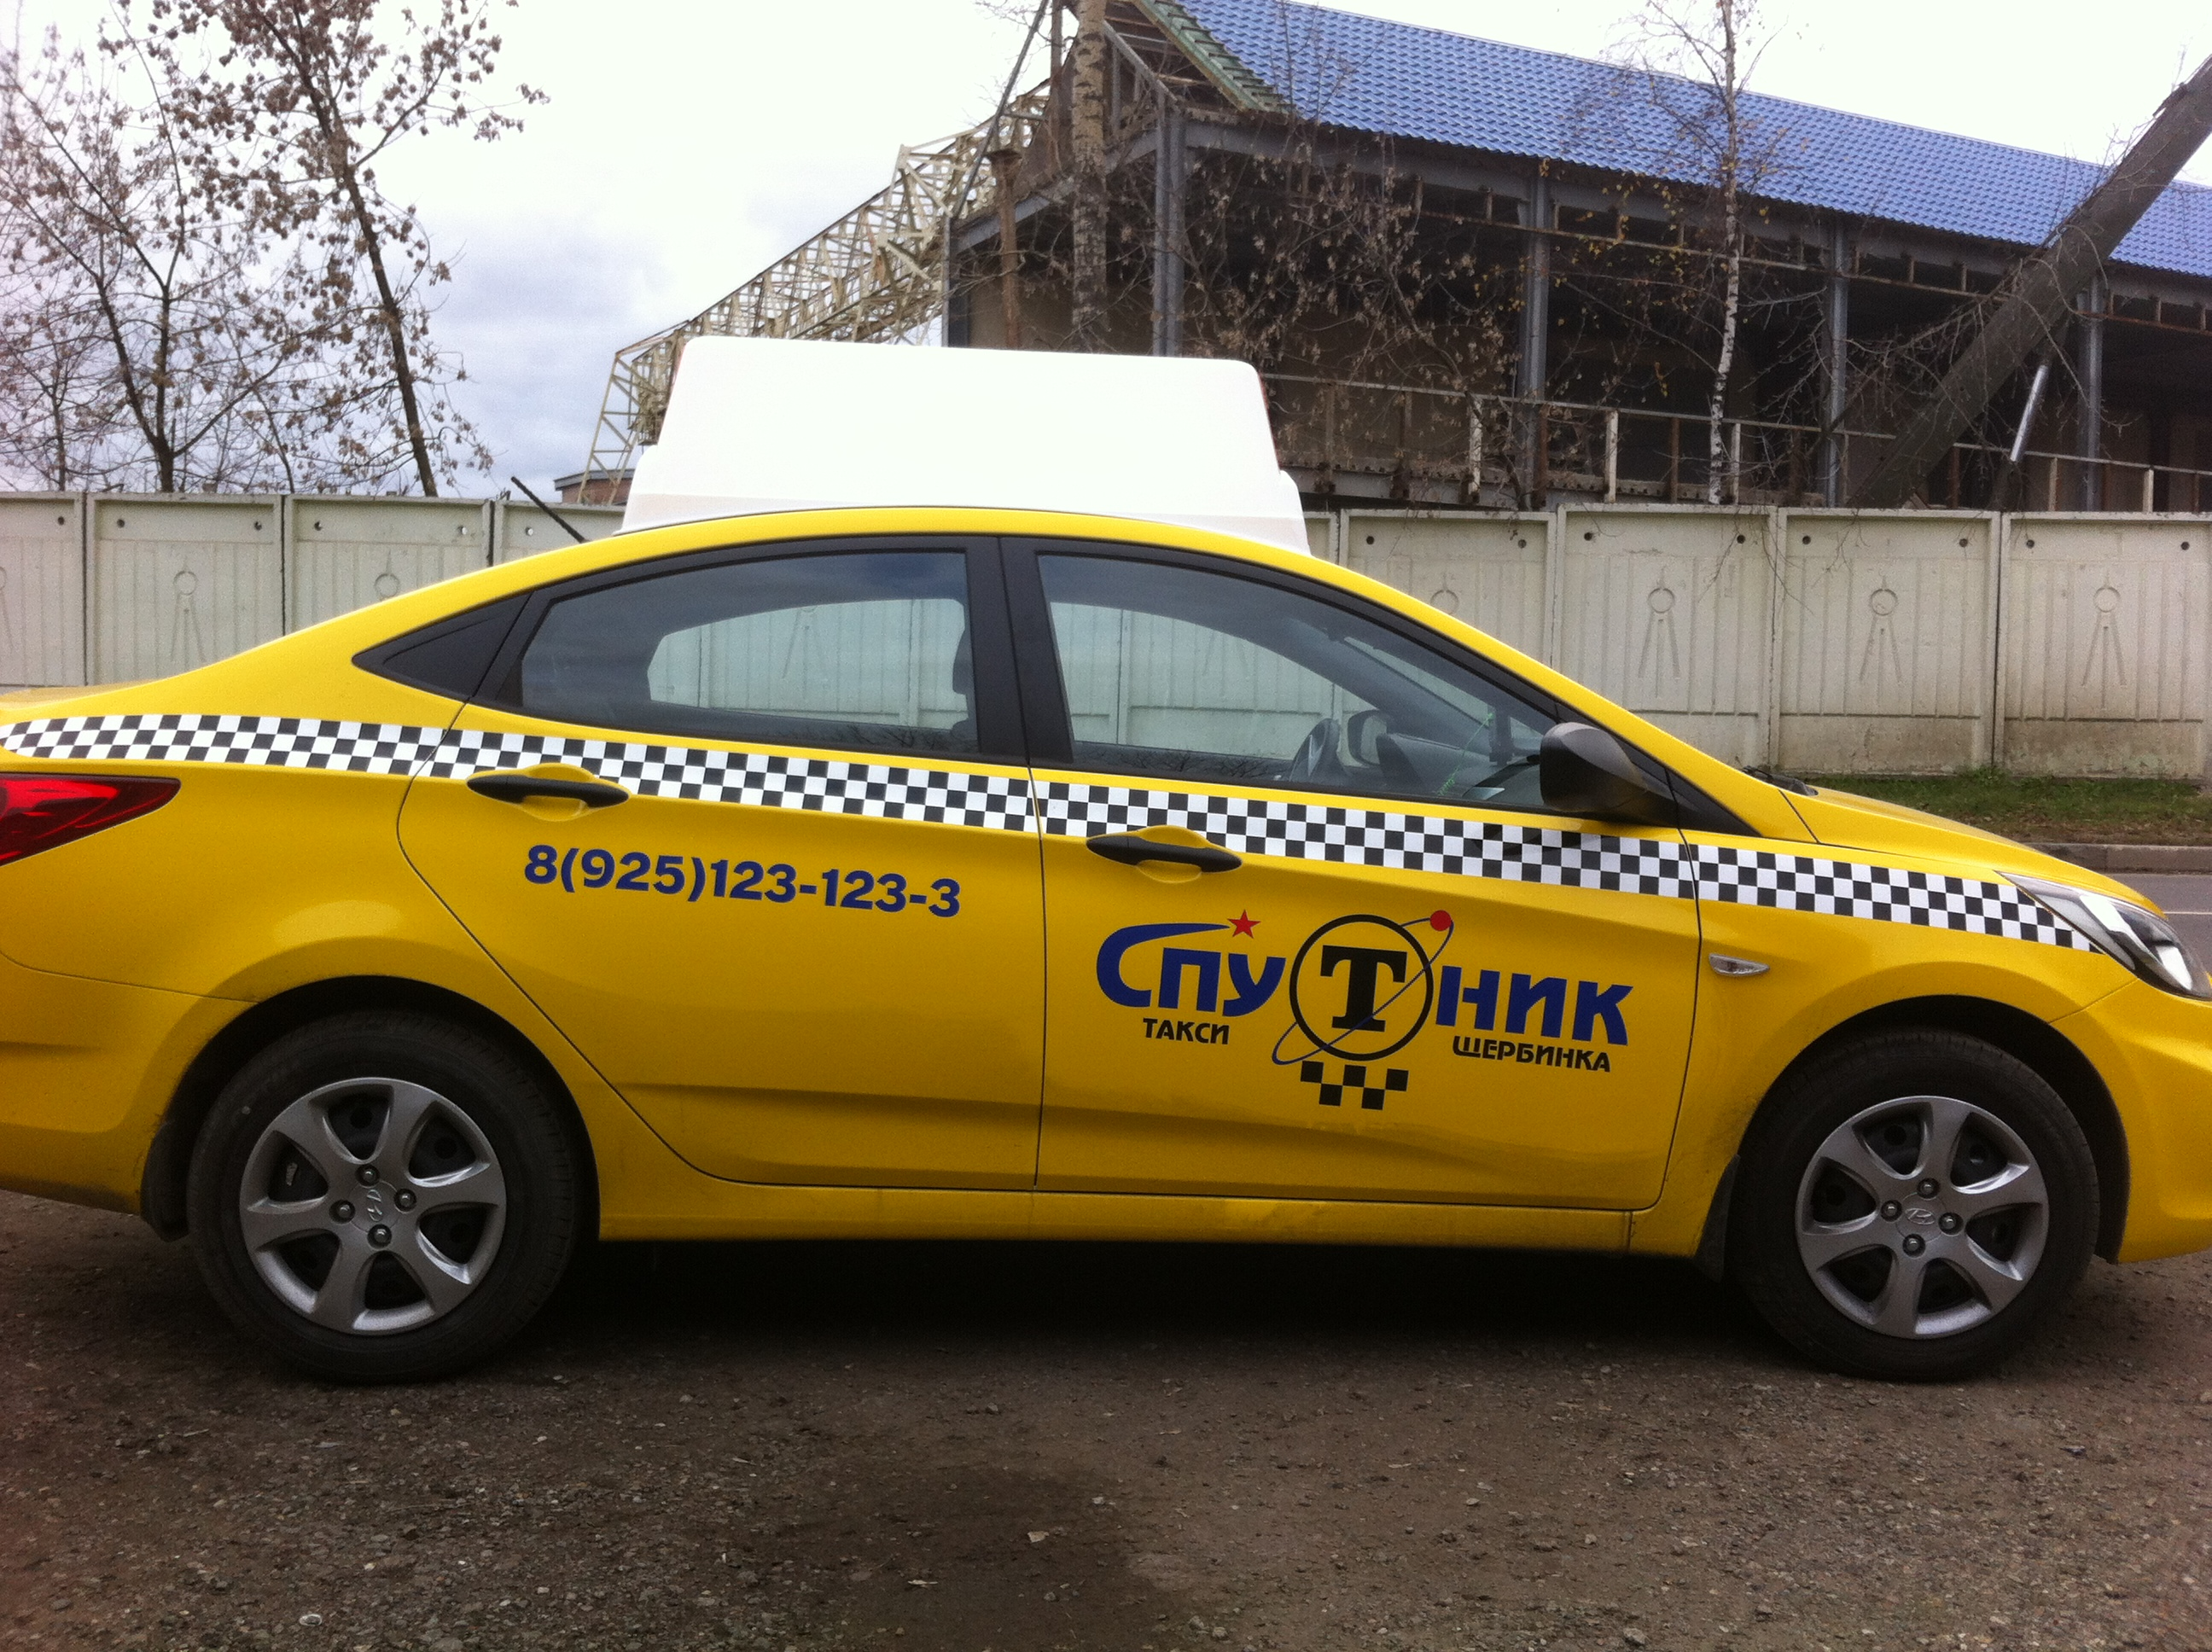 Доставка цветов на такси днепропетровск круглосуточная